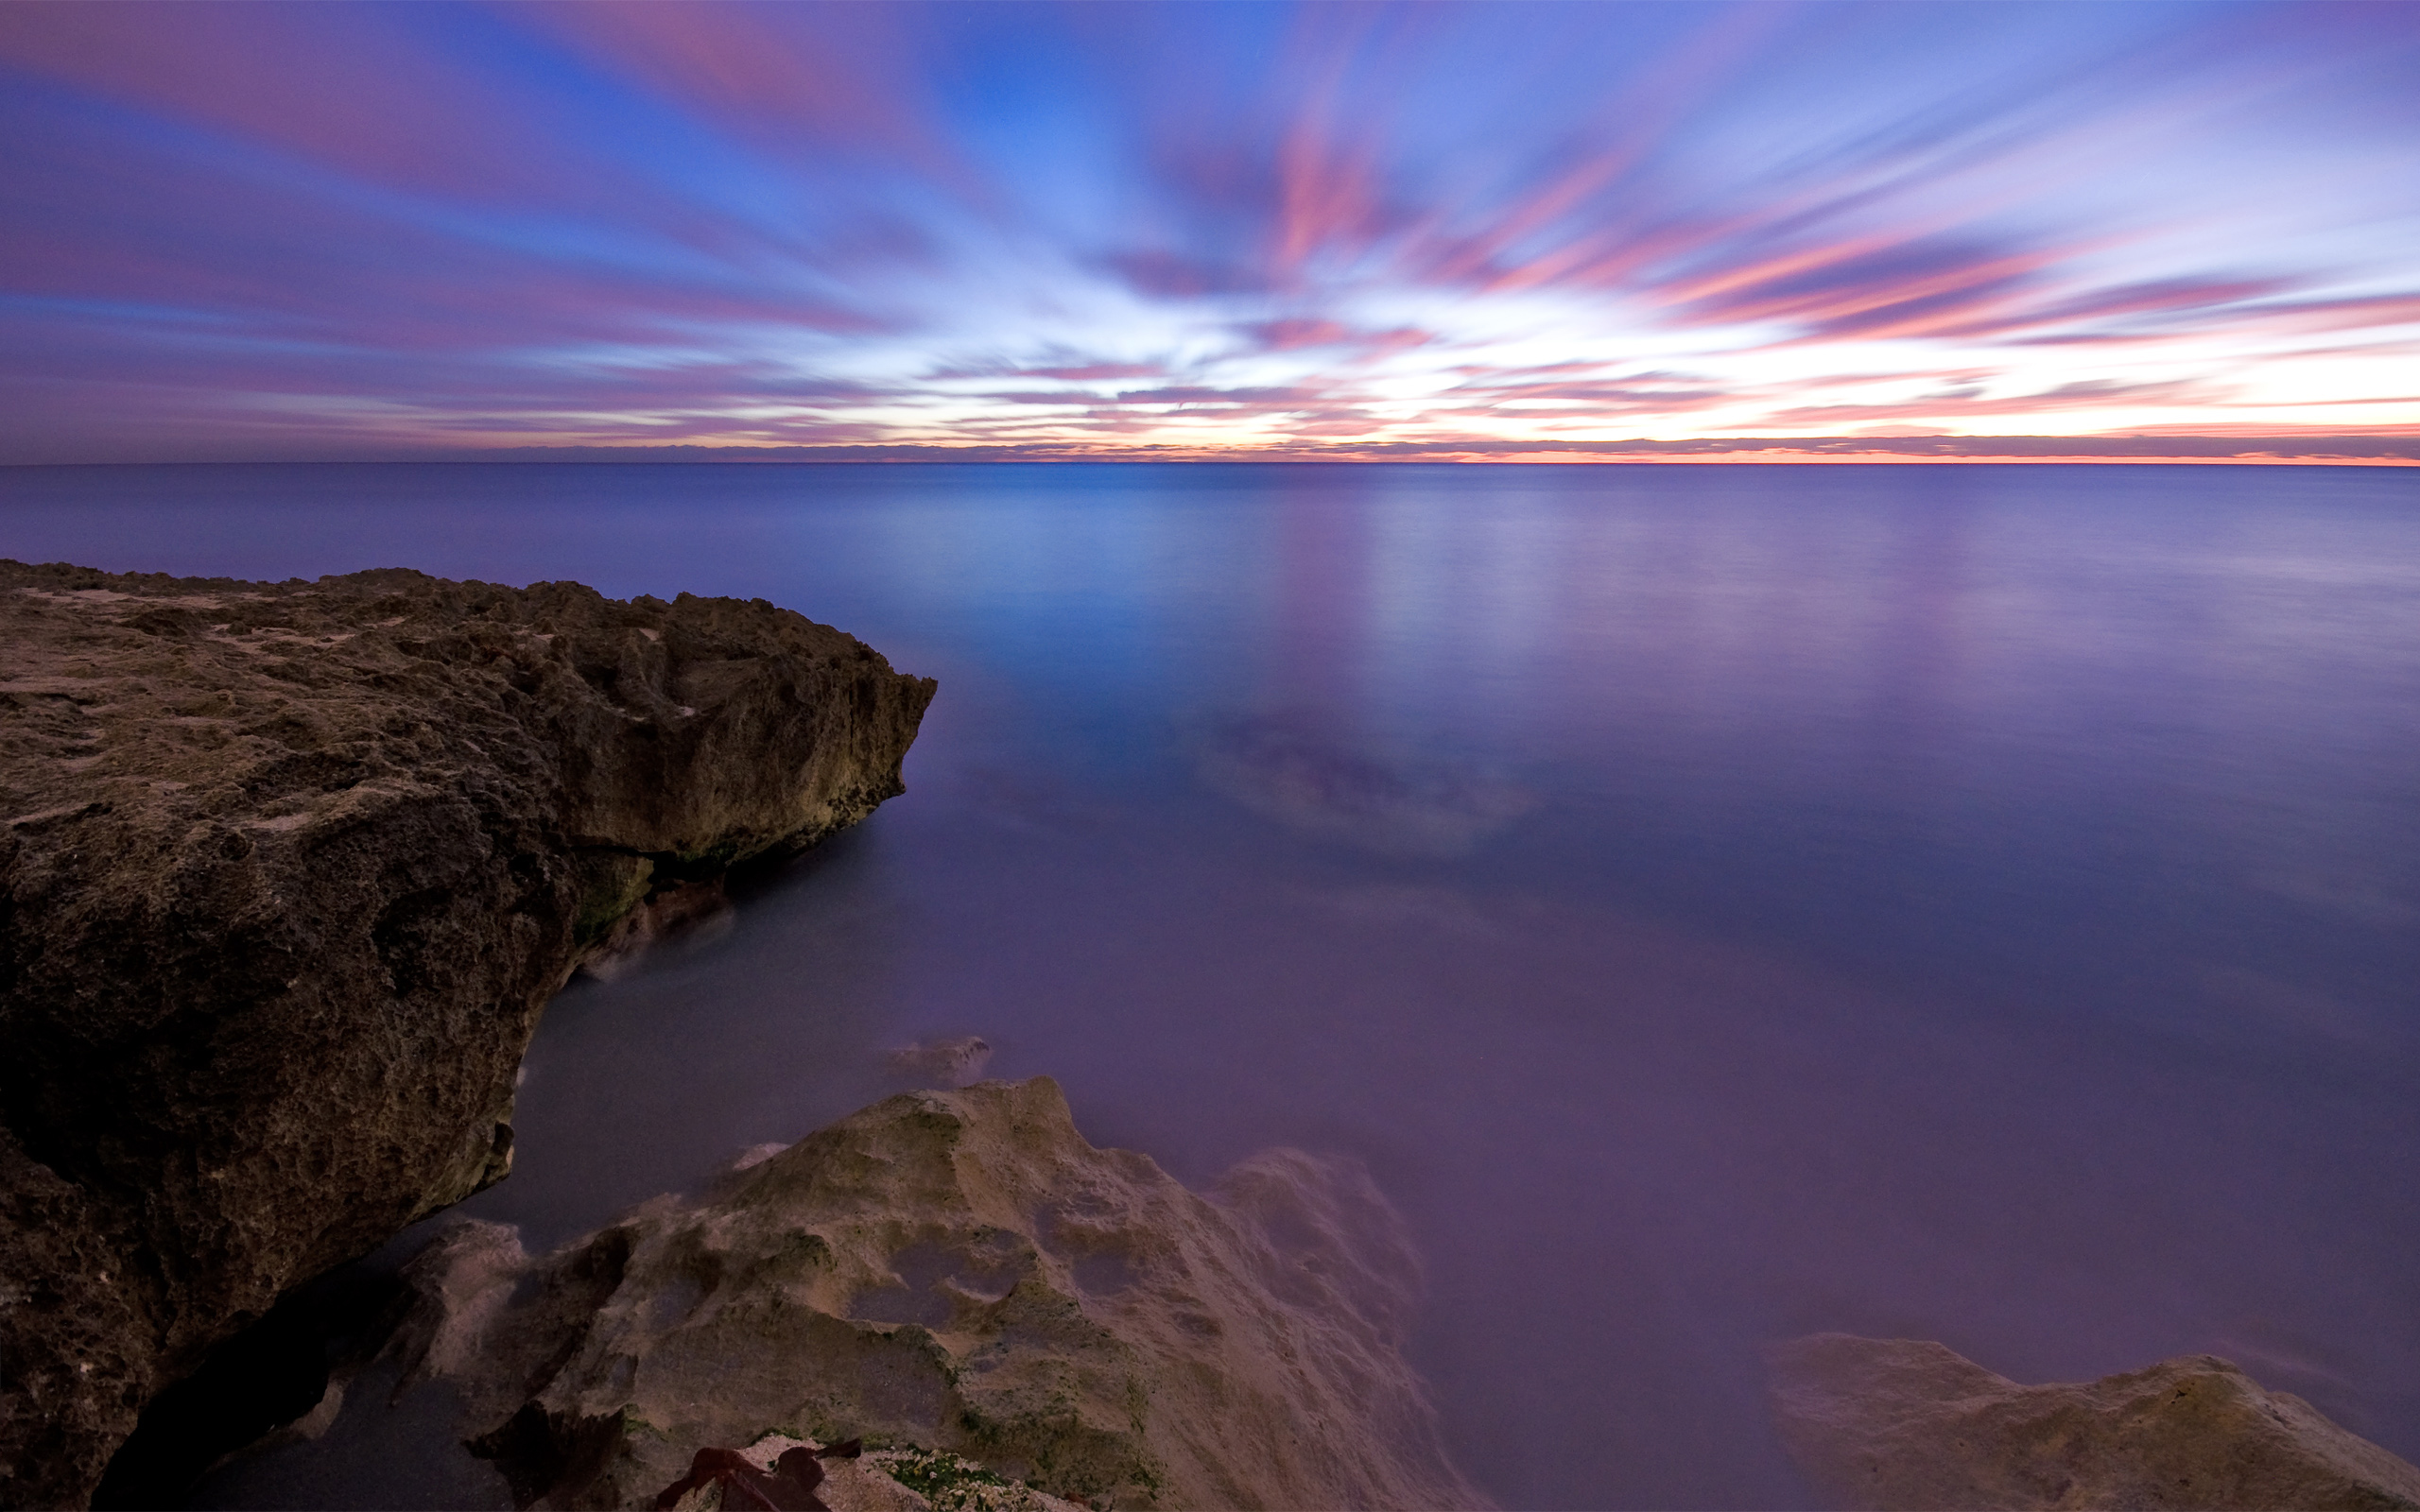 природа скалы море солнце облака отражение скачать